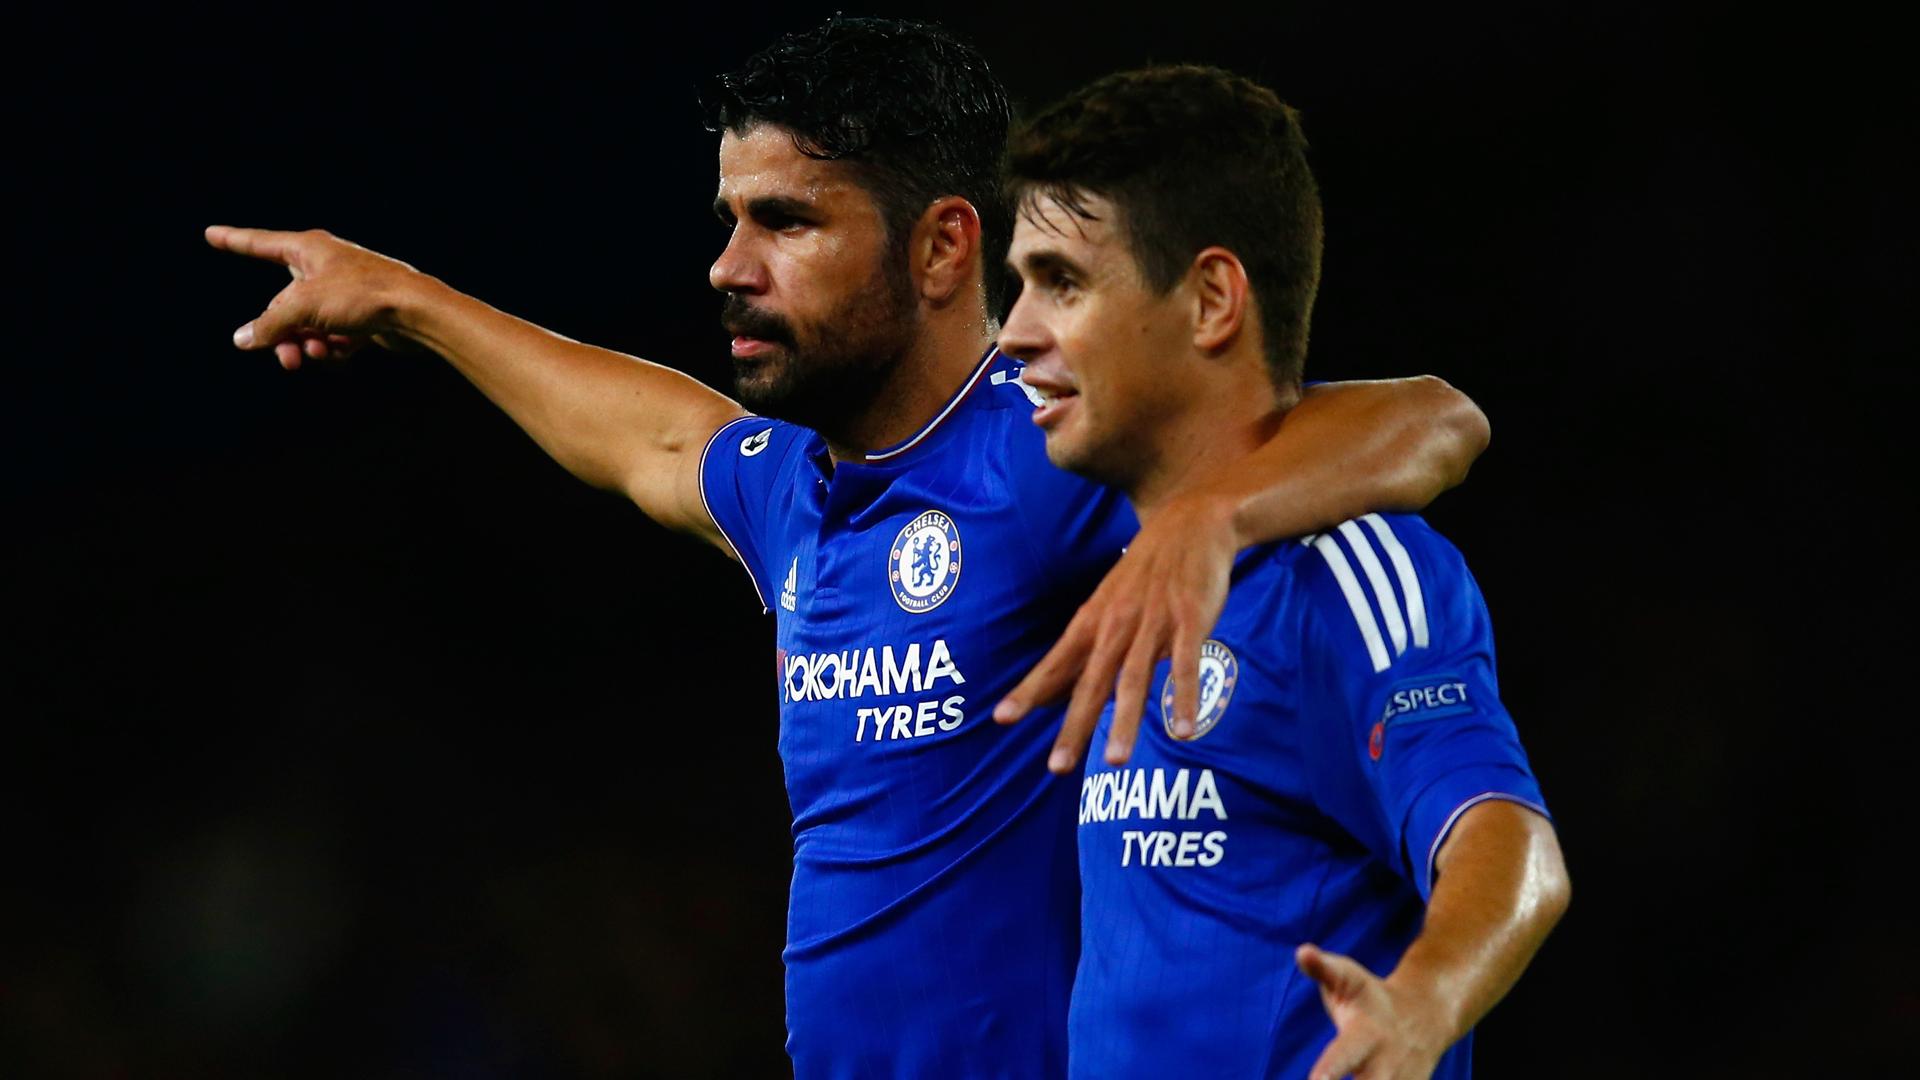 Oscar hopes Costa will make CSL move